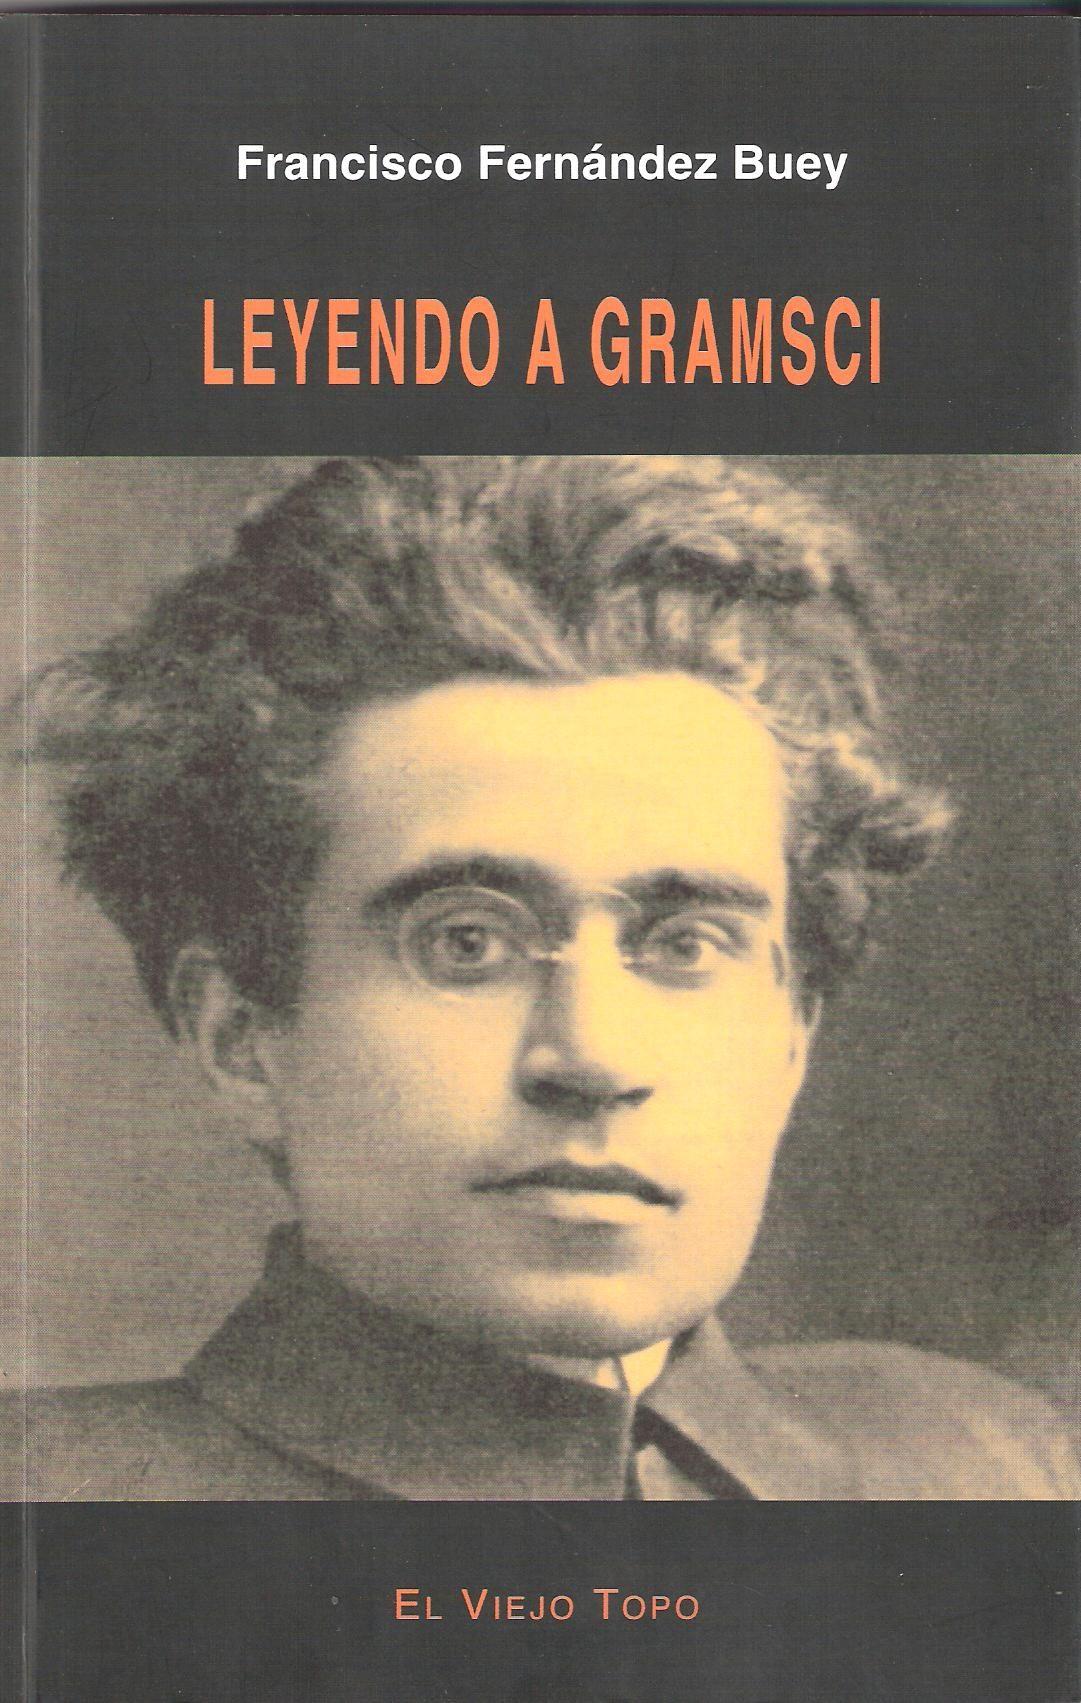 leyendo a gramsci (el viejo topo)-francisco fernandez buey-9788415216841